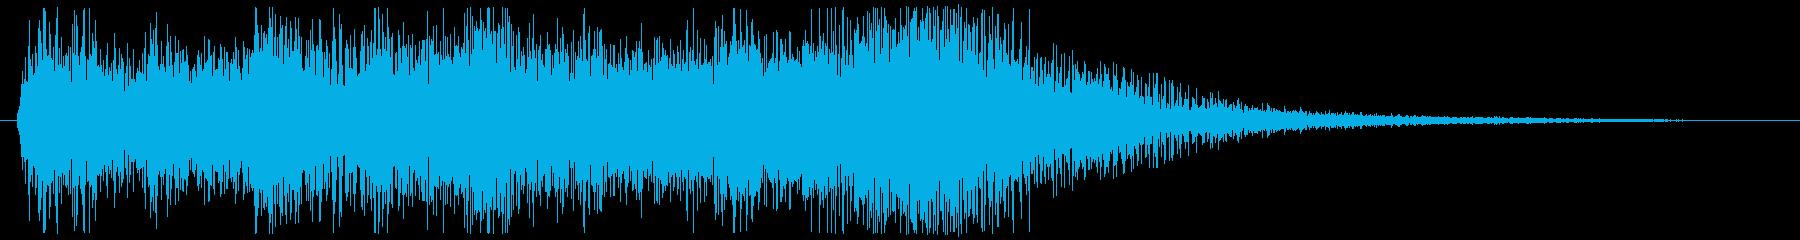 明るいフルオーケストラのジングルの再生済みの波形